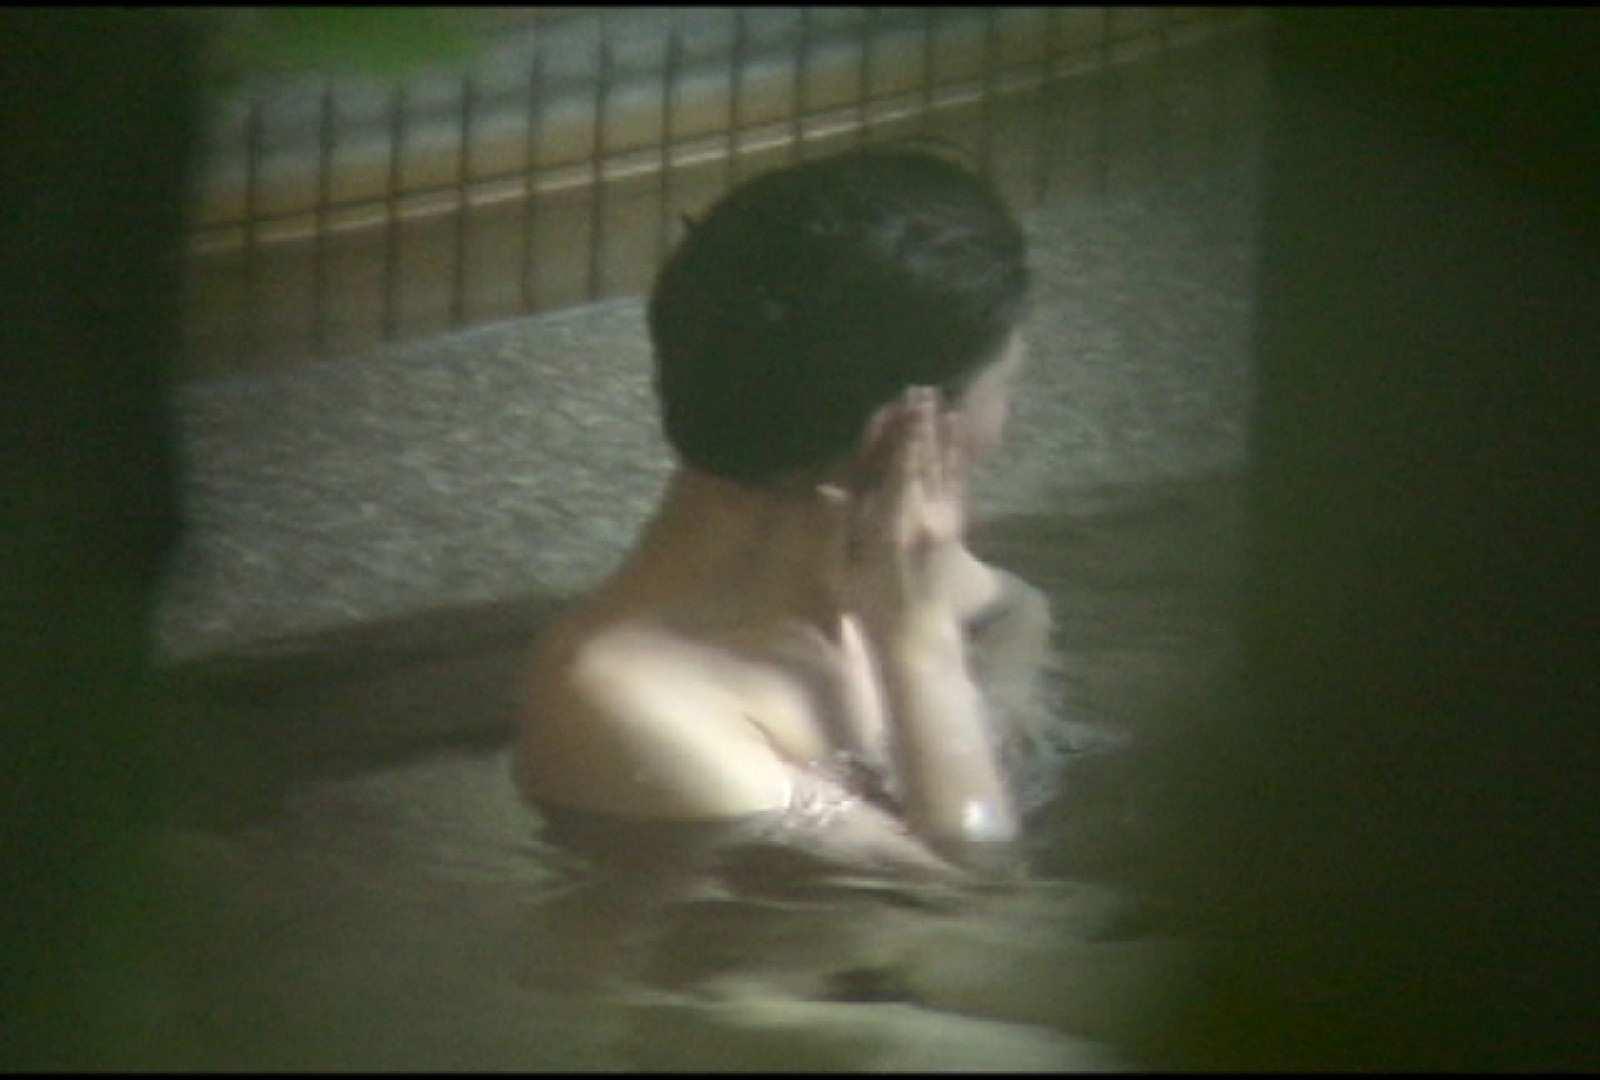 Aquaな露天風呂Vol.699 盗撮シリーズ  93PIX 36